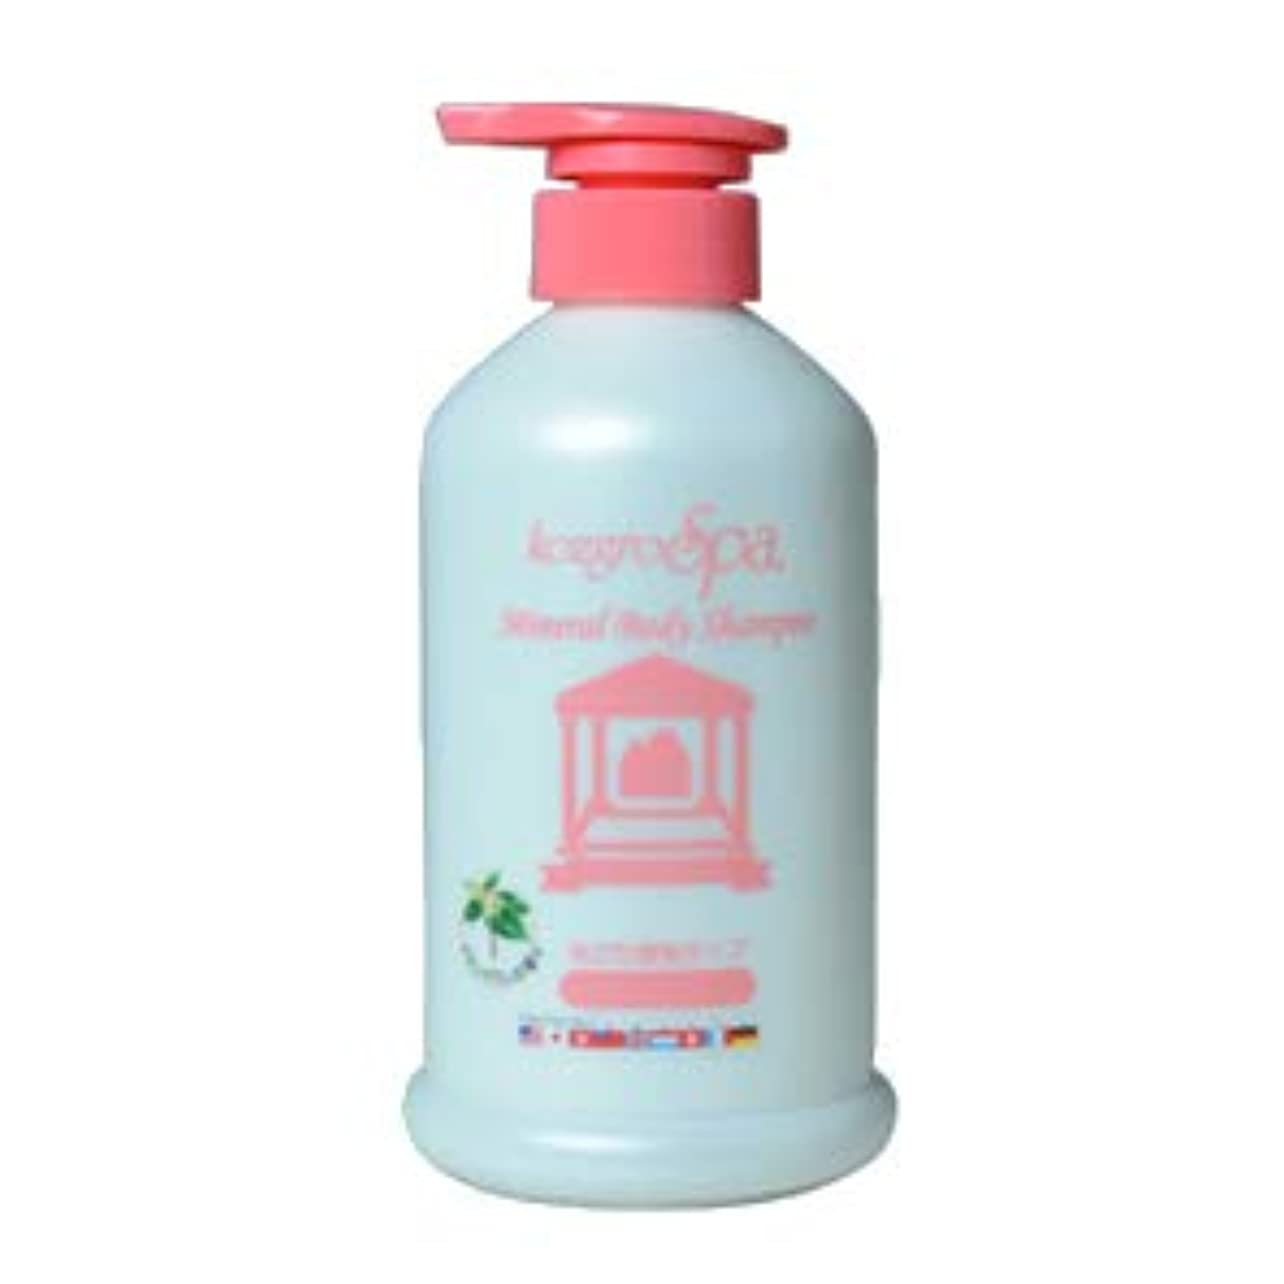 含む不快な固体コズグロ スパ ミネラル ボディーウォッシュ プレミアム ネロリの香り 500ml